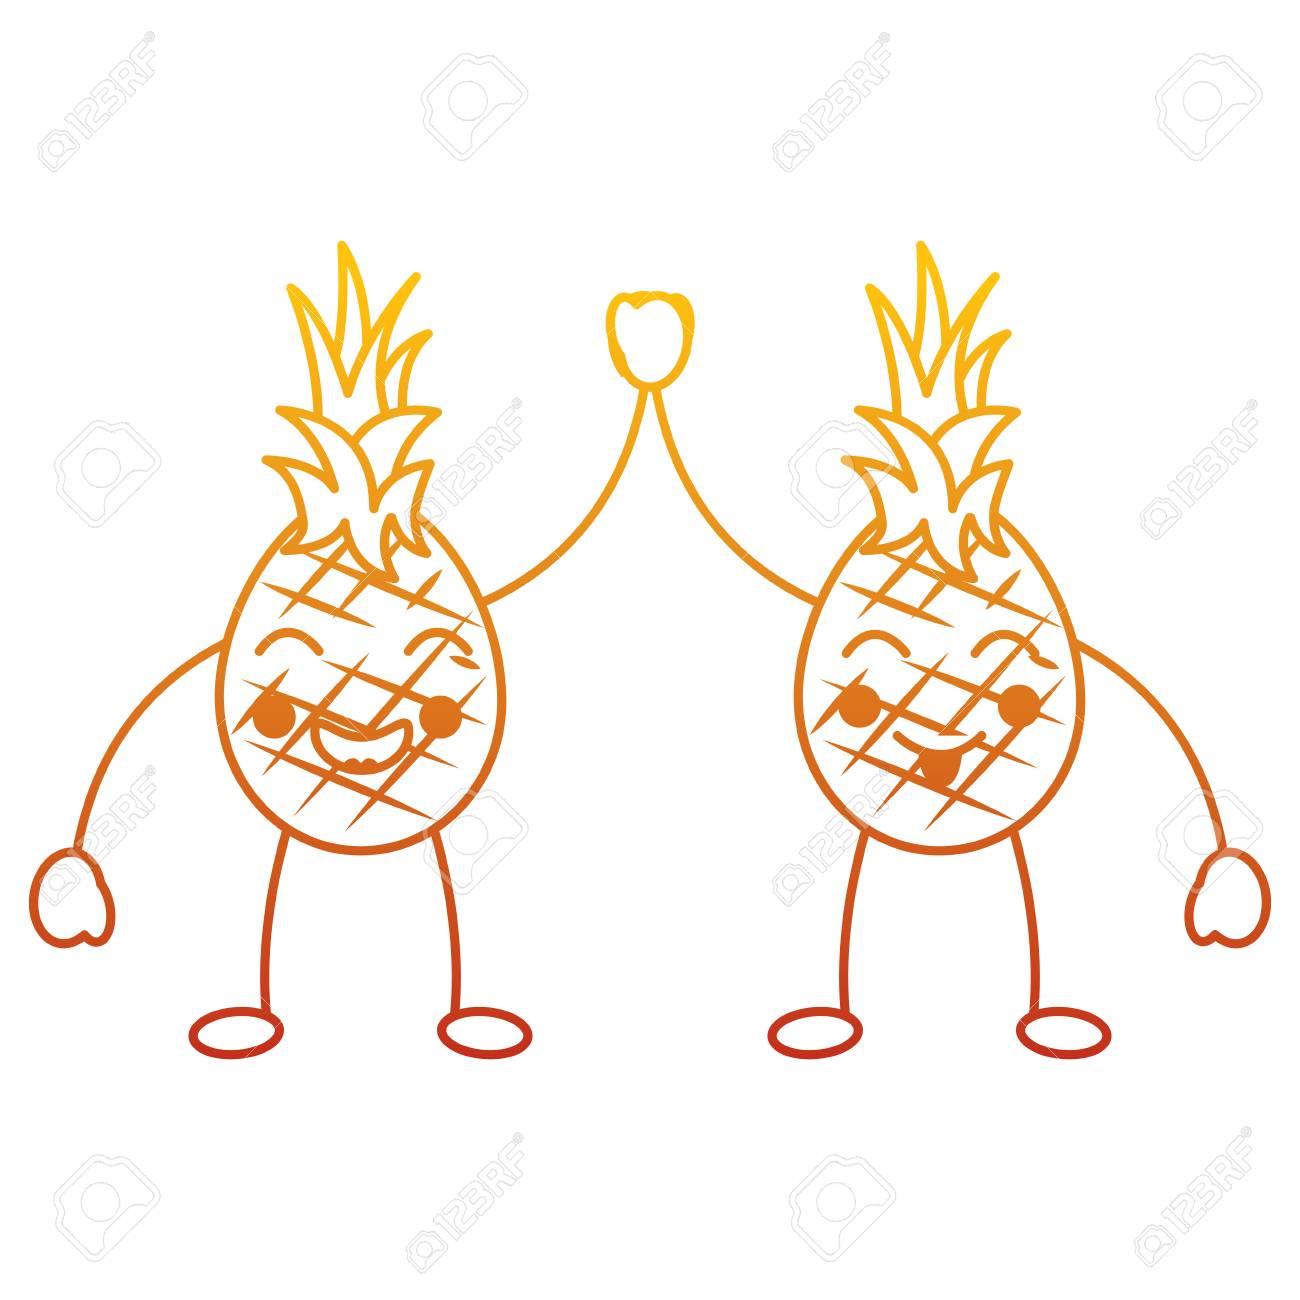 Kawaii Deux Fruits De Dessin Animé Illustration Vectorielle De Personnages Heureux Ananas